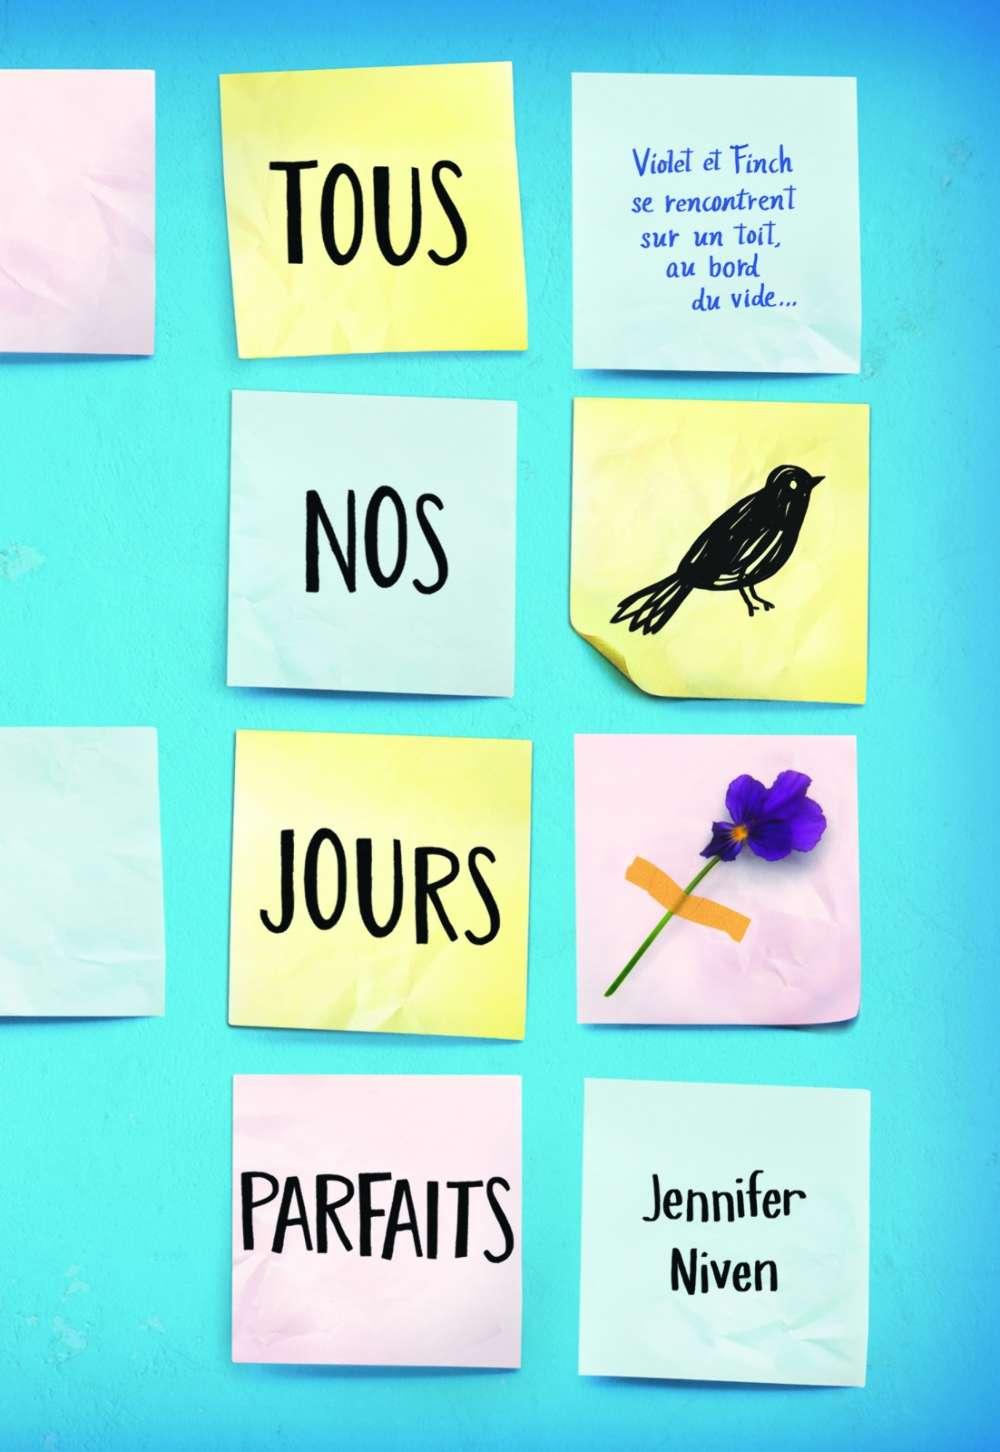 Livre A Lire Pour Ado De 16 Ans : livre, Littérature, Livres, Ados/jeunes, Adultes, Offrir, Noël